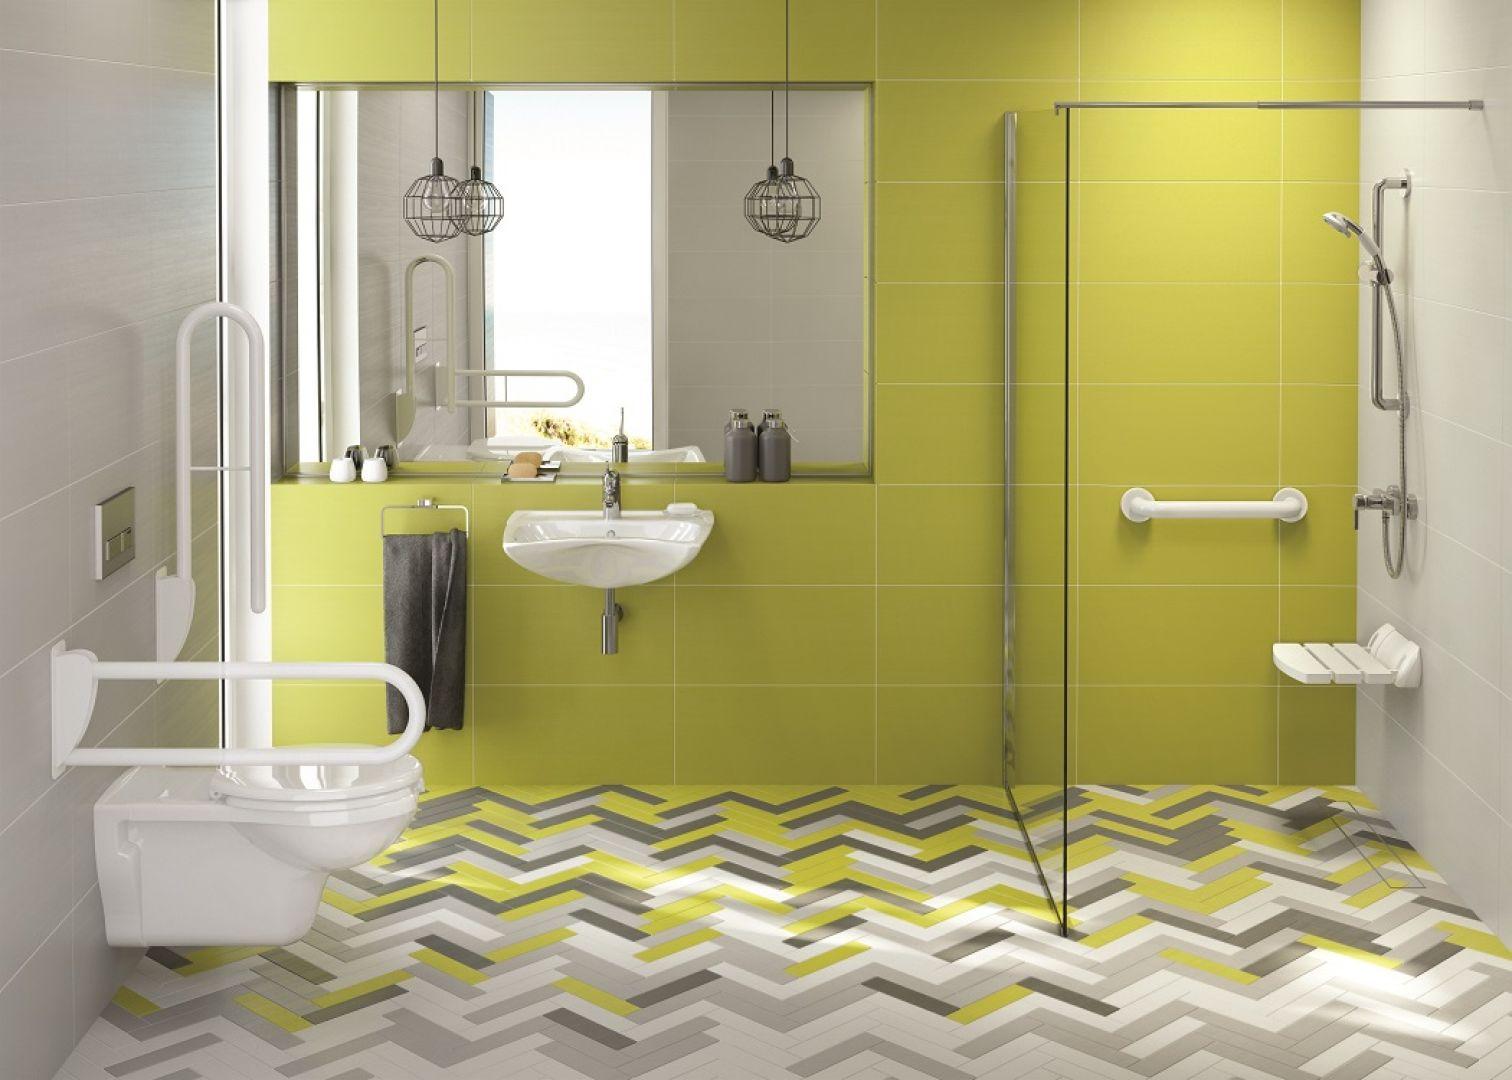 Elementy wyposażenia łazienki z serii Vital dedykowanej dla seniorów i osób z niepełnosprawnością. Fot. Deante